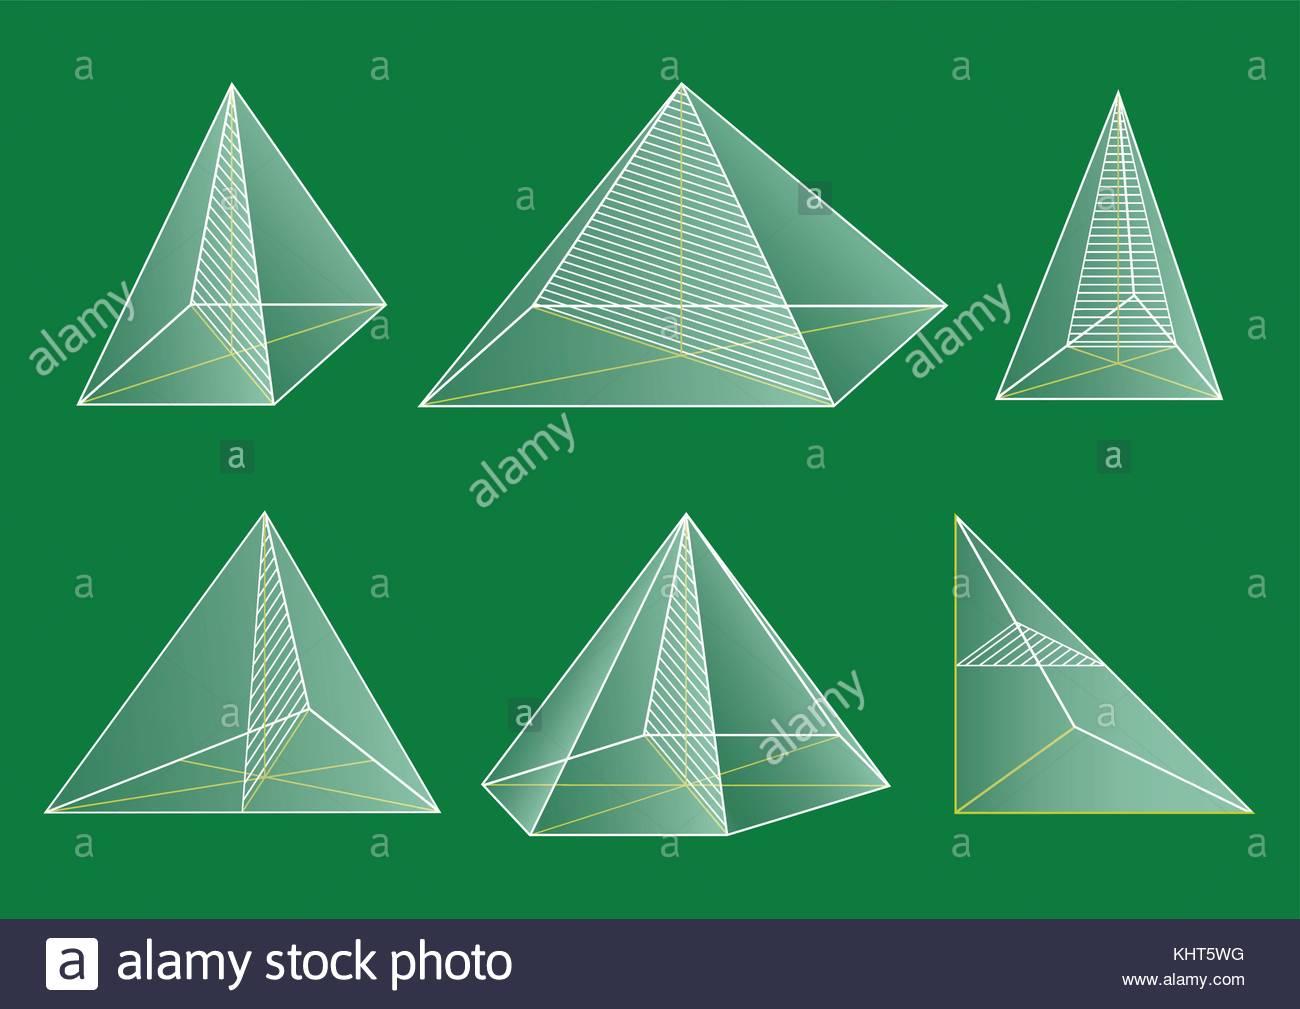 Shape Pyramids Tetrahedron Pyramid Stock Photos Amp Shape